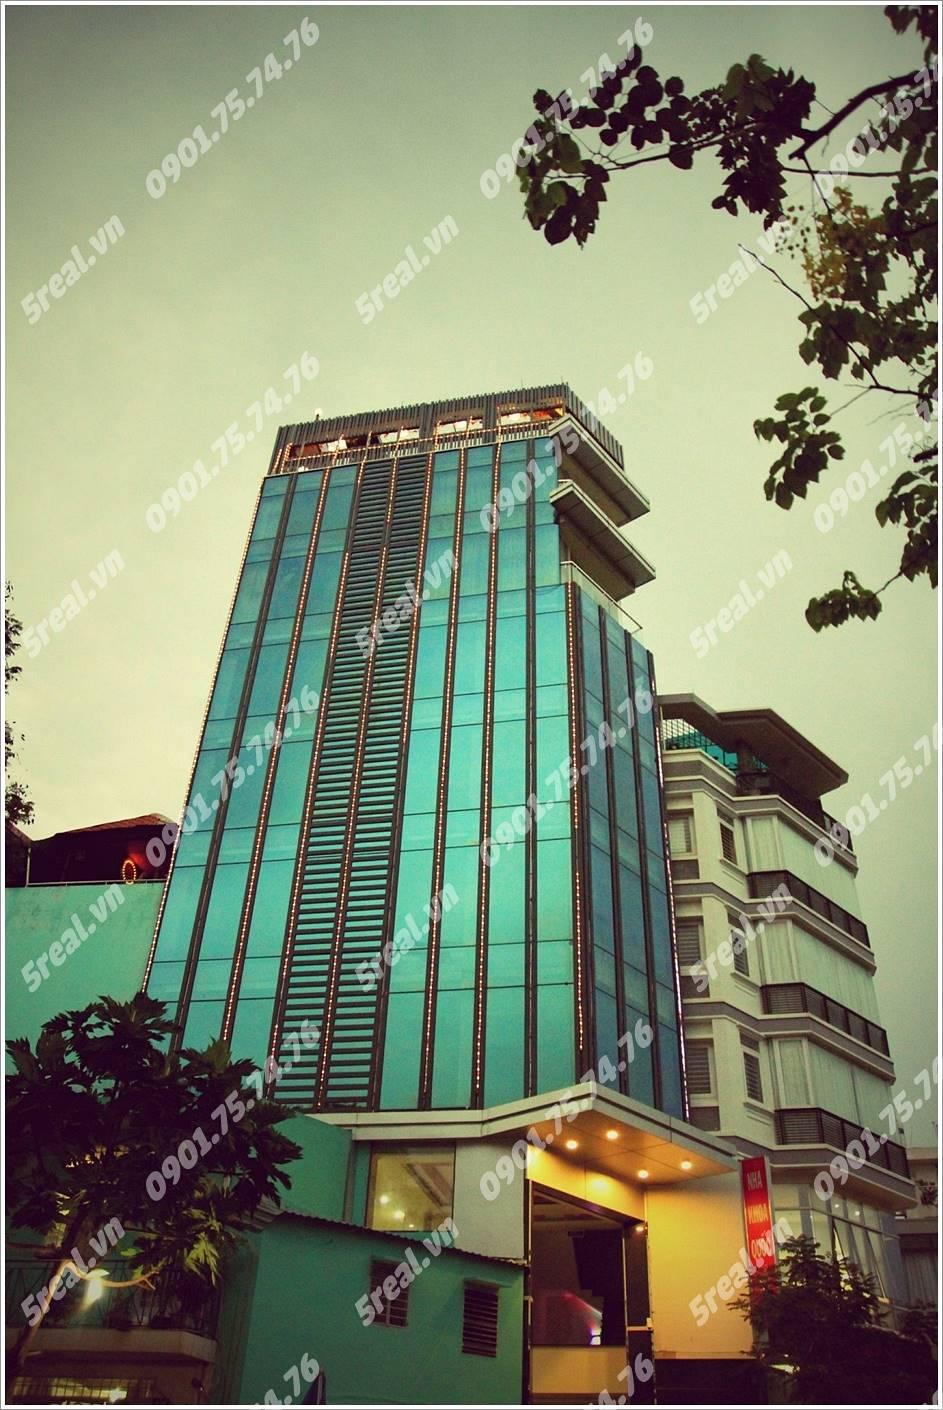 phat-trien-tower-truong-sa-quan-phu-nhuan-van-phong-cho-thue-tphcm-5real.vn-01